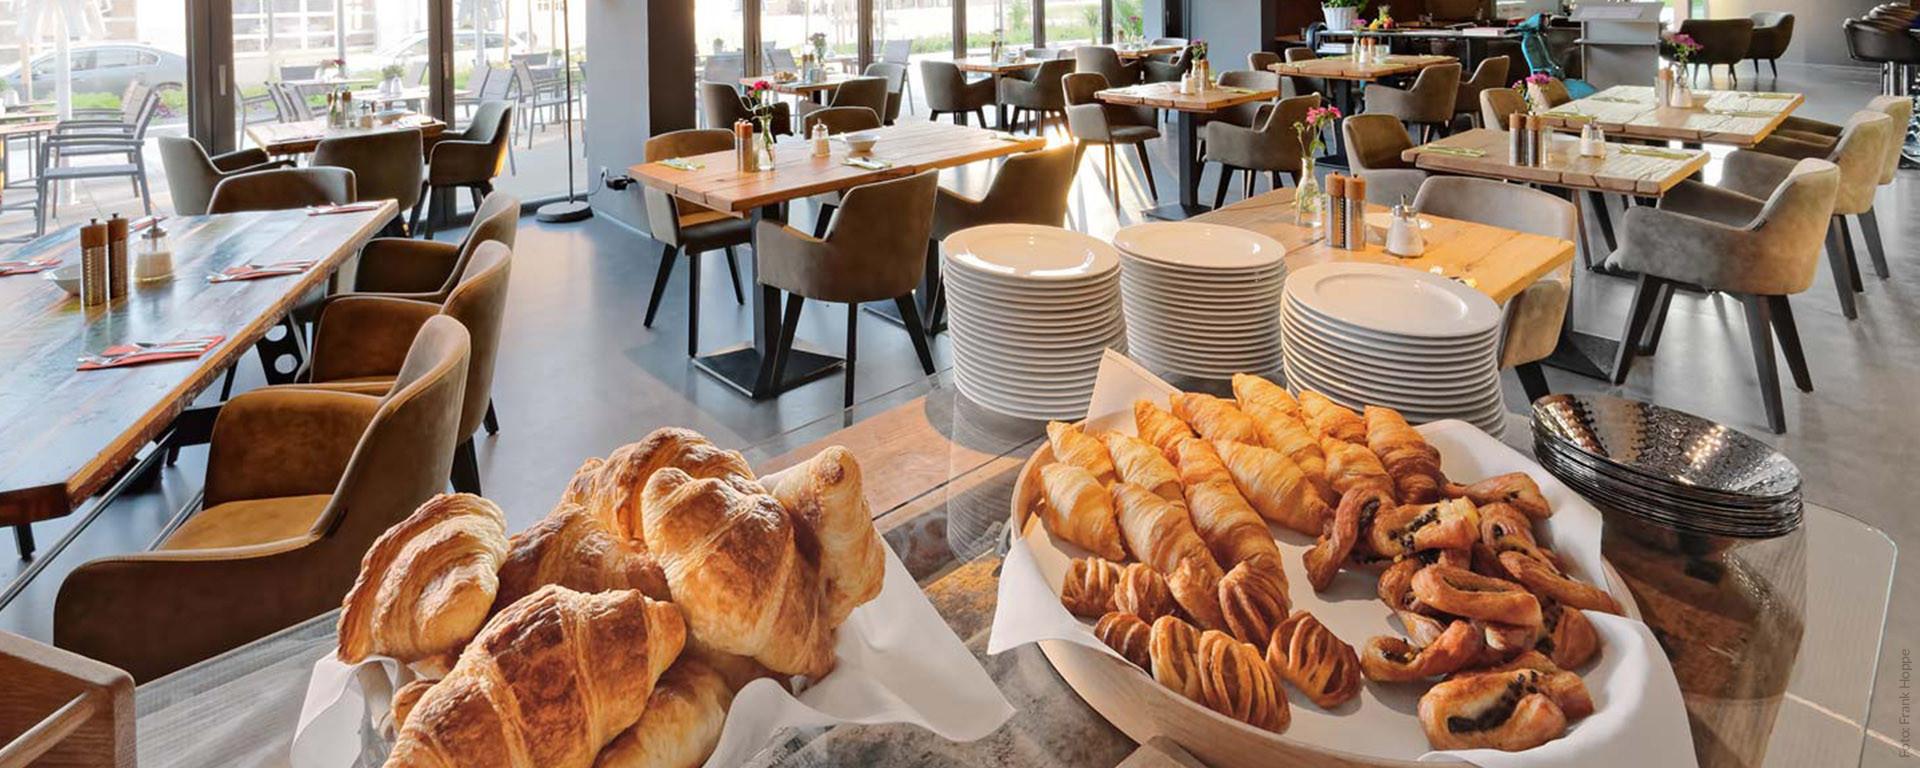 Frühstücks-Buffet für Hotelgäste und für Gäste ausserhalb - im V8 Hotel Böblingen - Flugfeld - Bahnhof - Stadtmitte